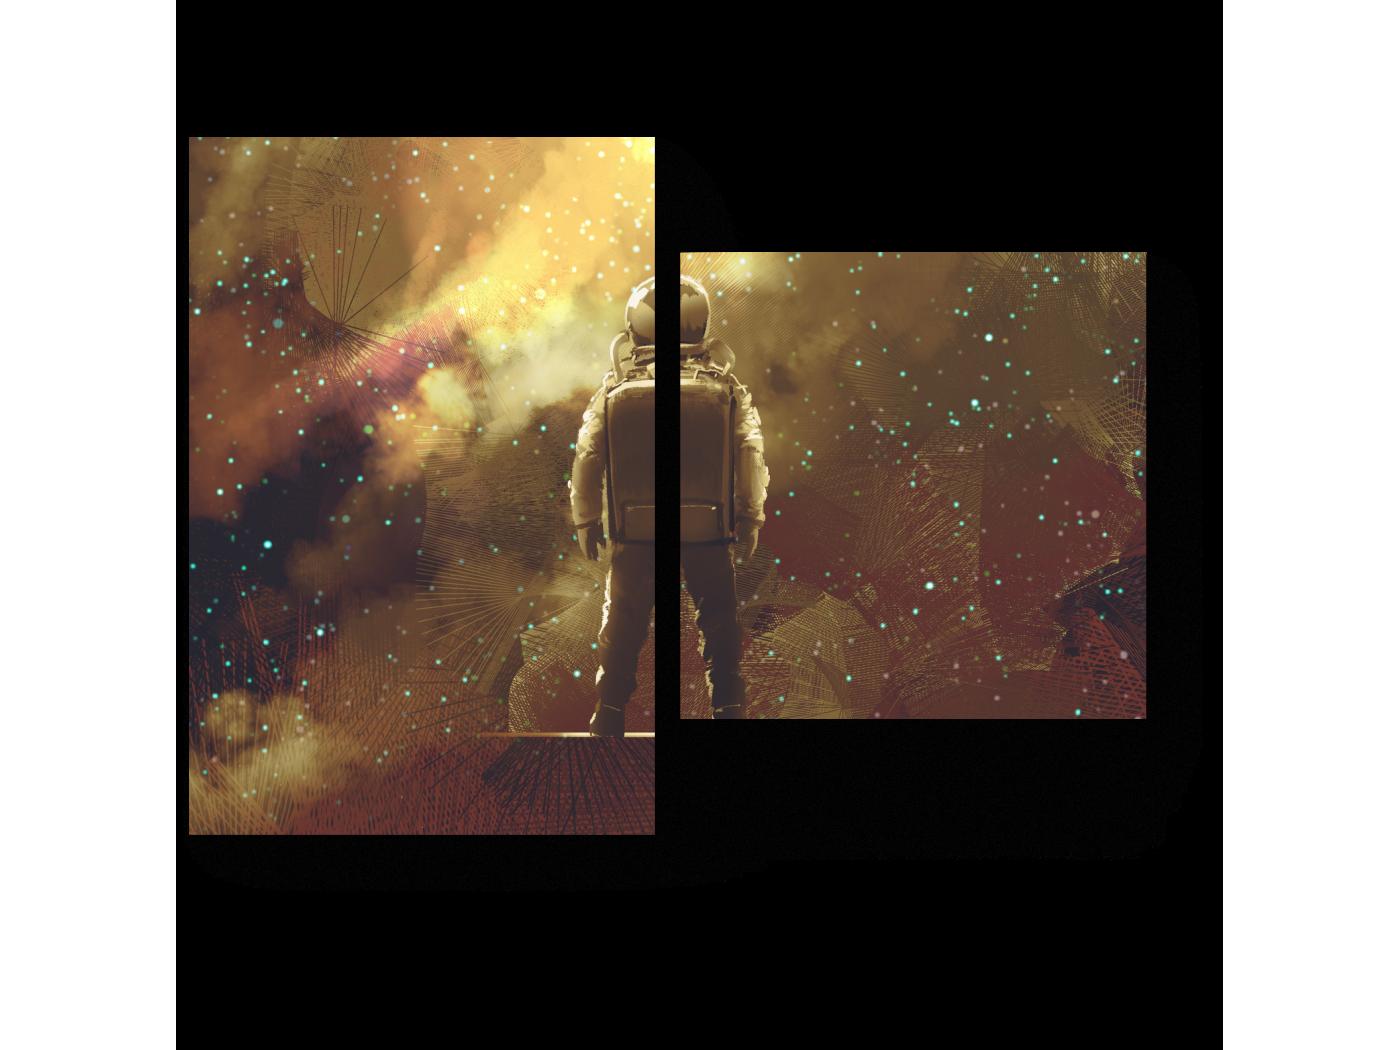 Модульная картина Бесконечность (40x30) фото